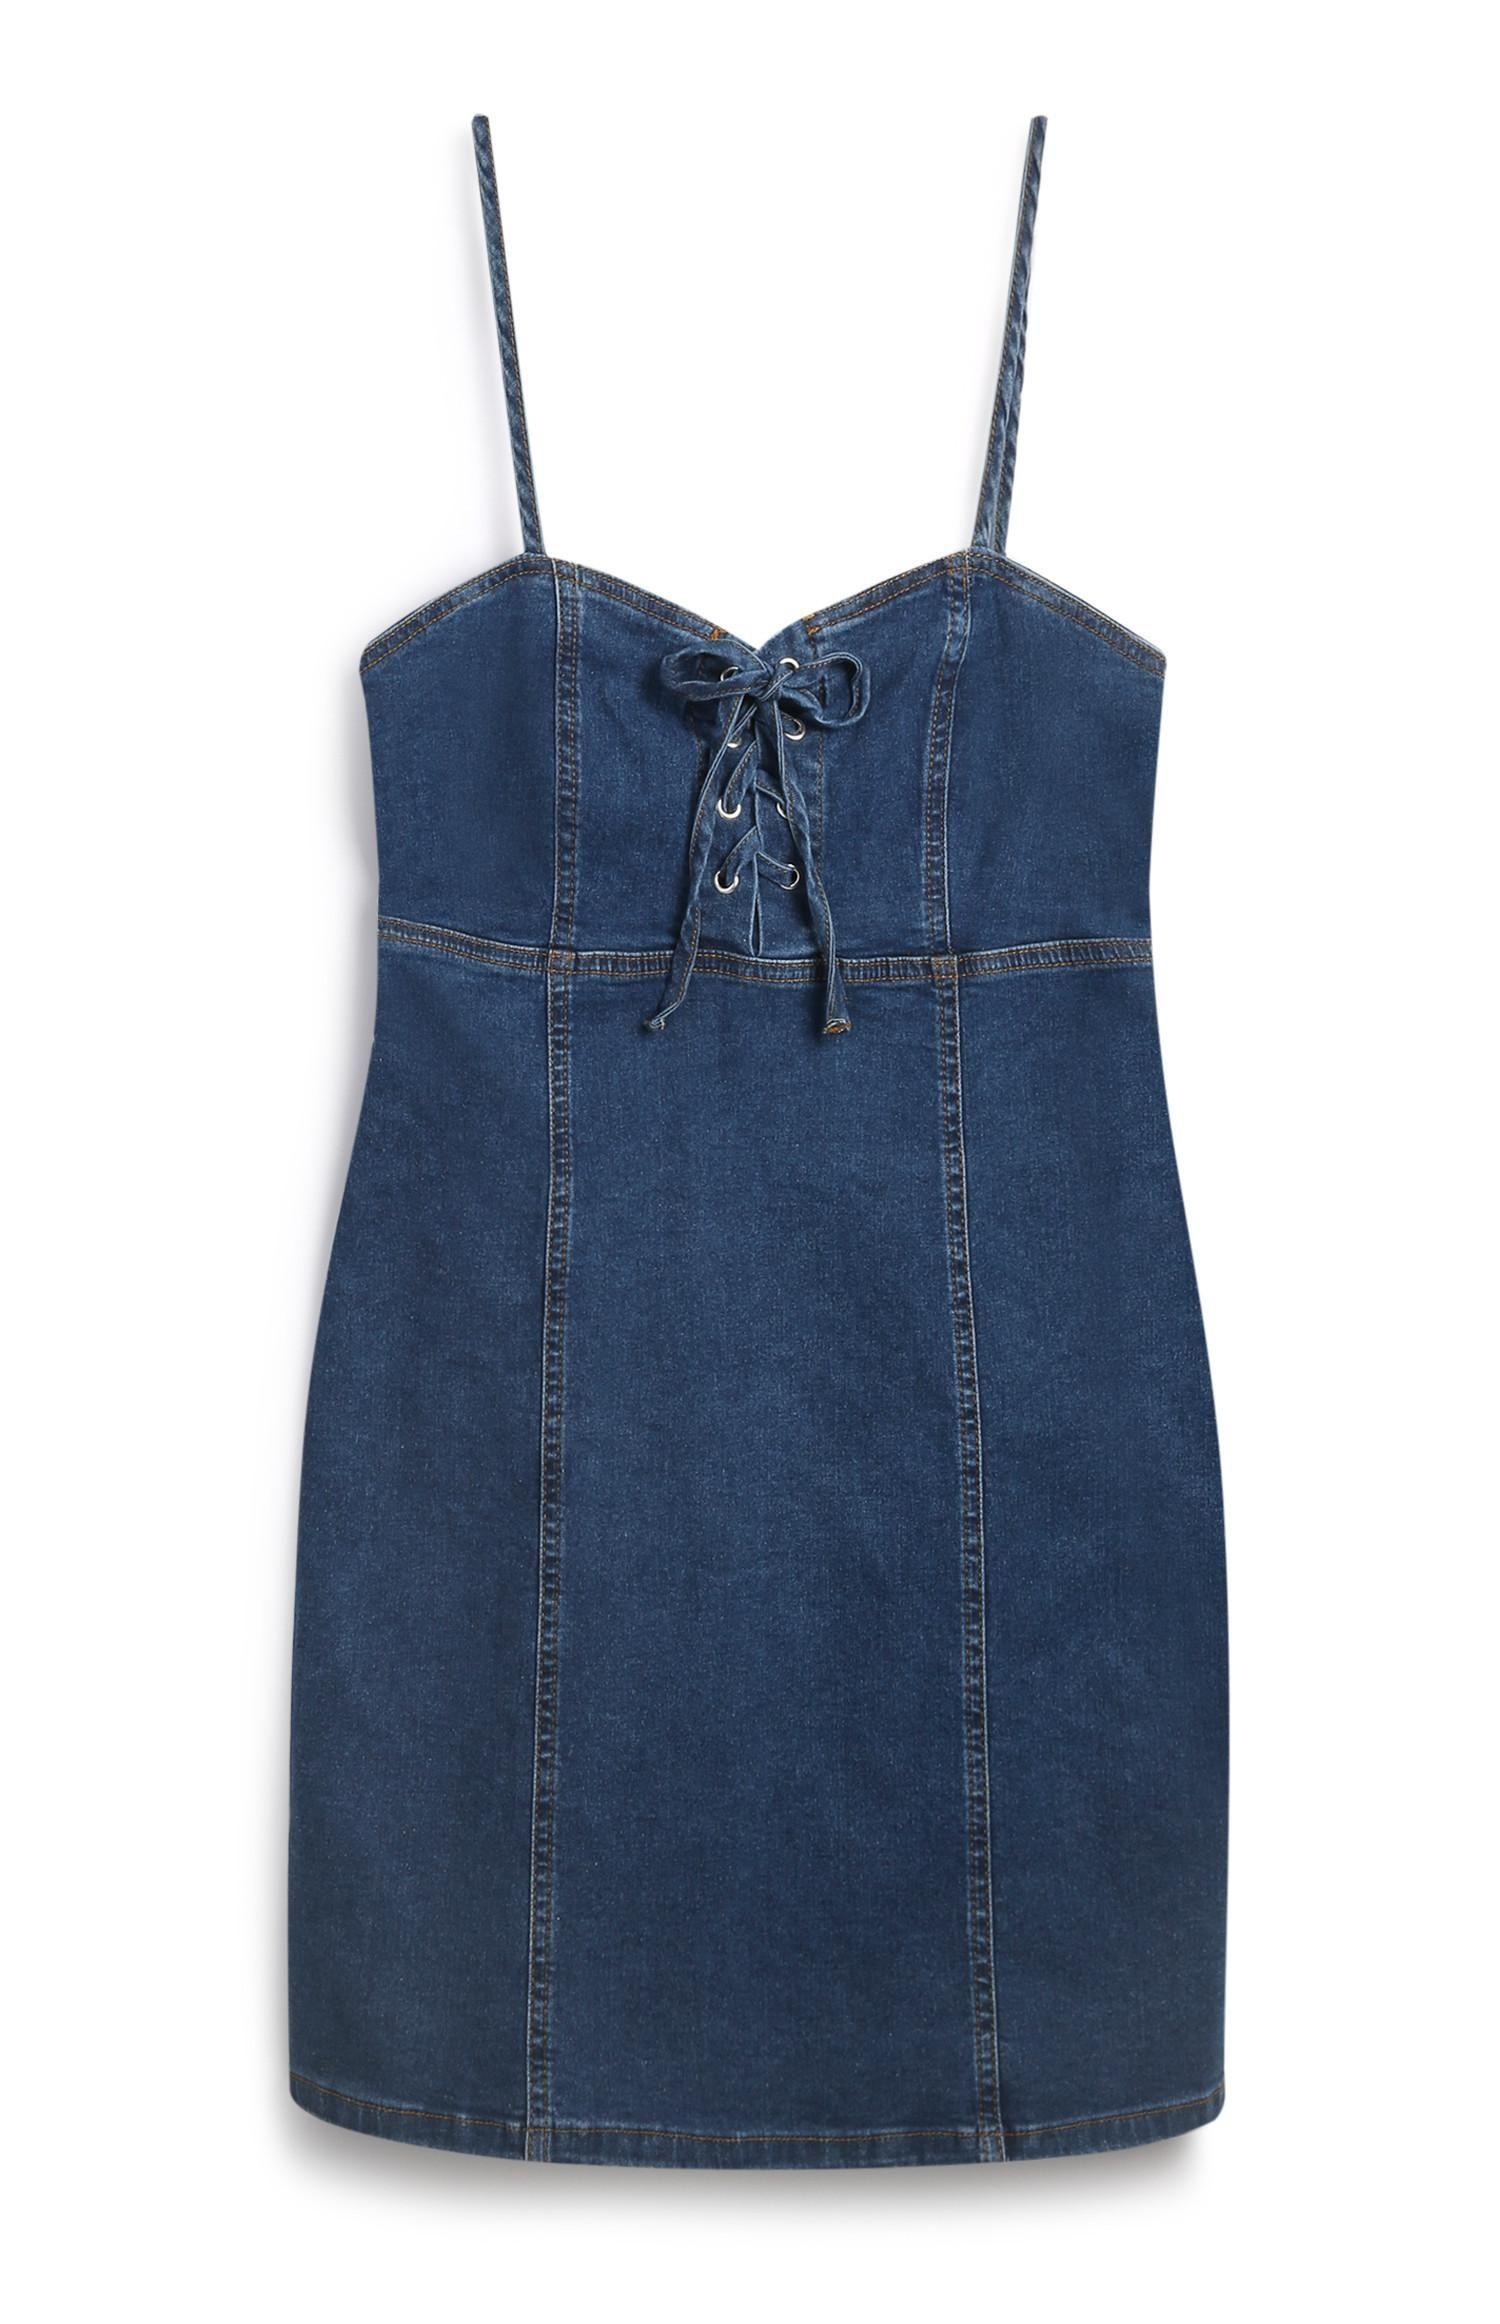 primark - blaues jeanskleid mit zierknoten | jeans kleid